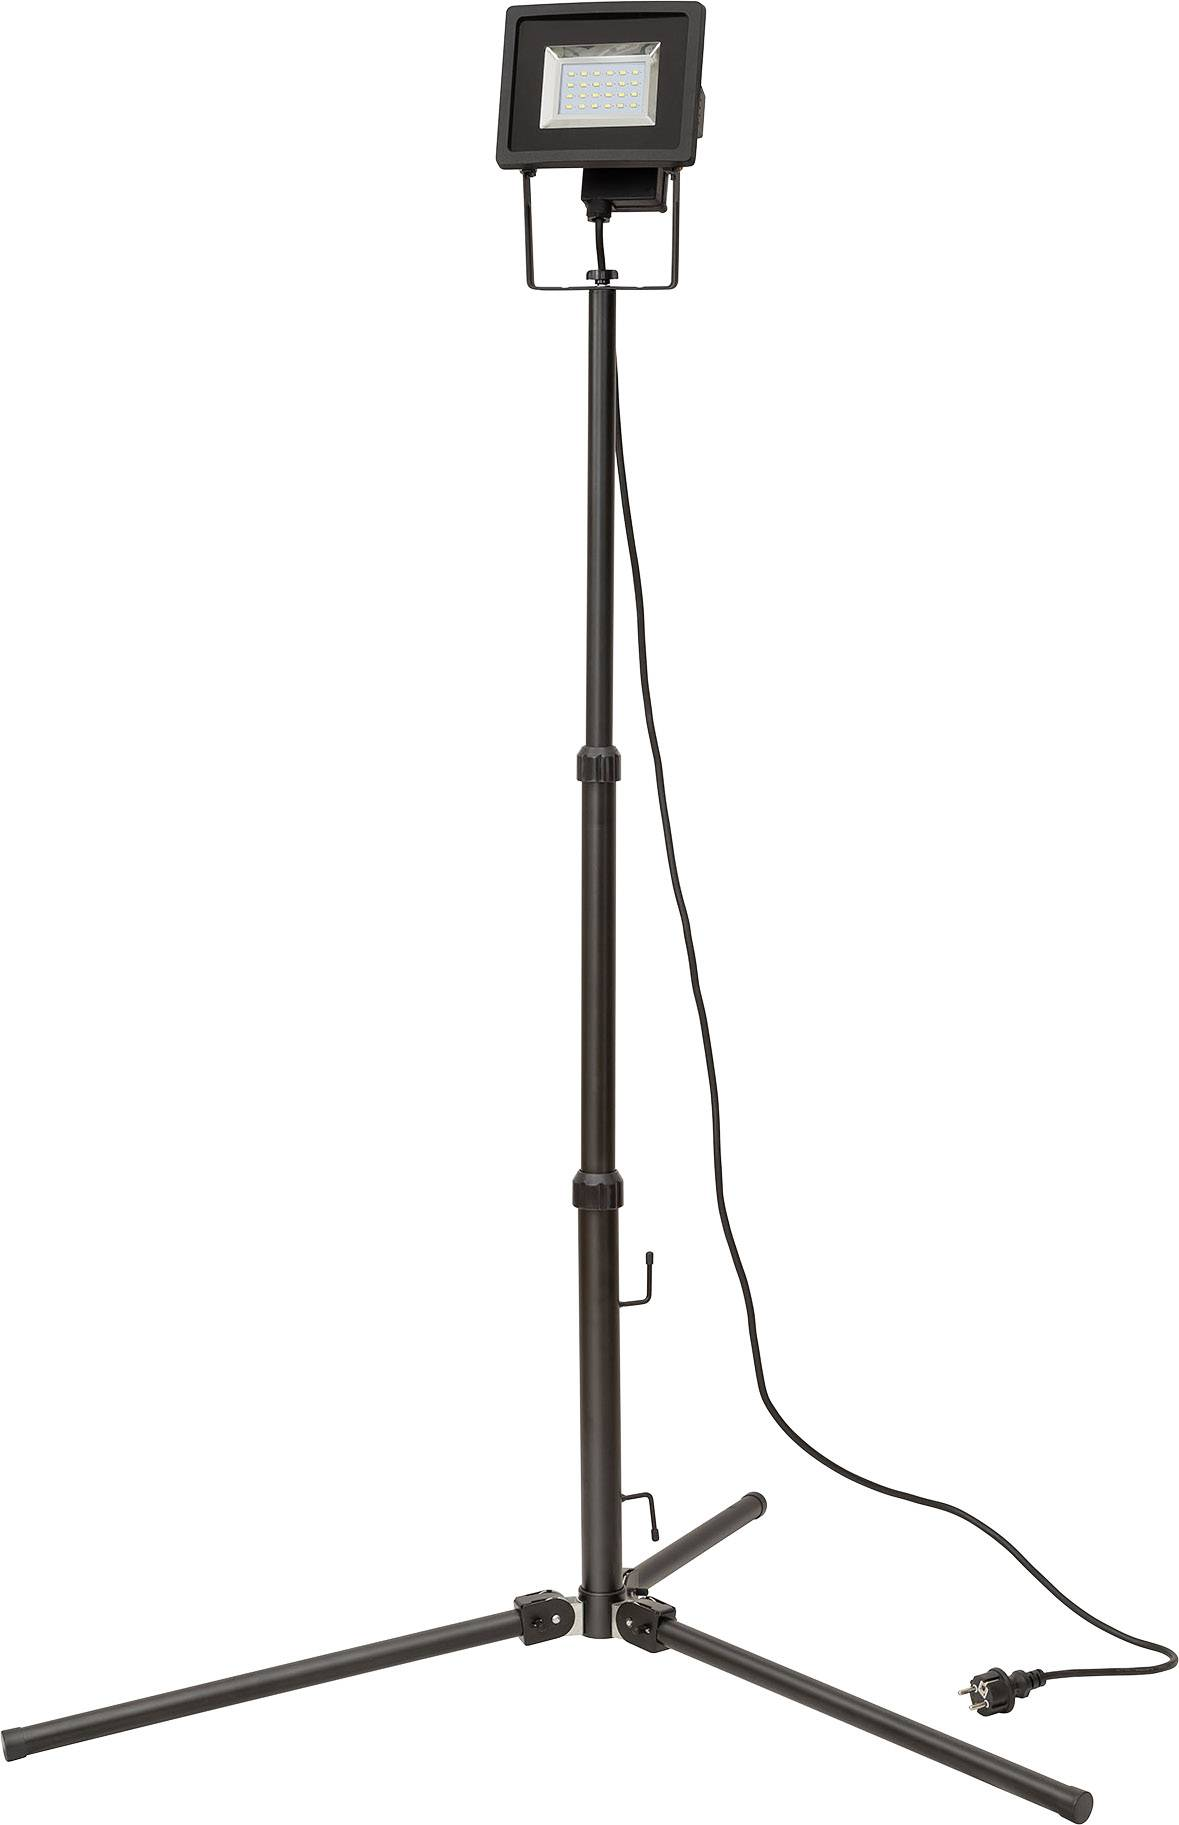 Relativ Brennenstuhl Stativ-LED-Leuchte LED-Baustrahler 12 W 950 lm GQ55